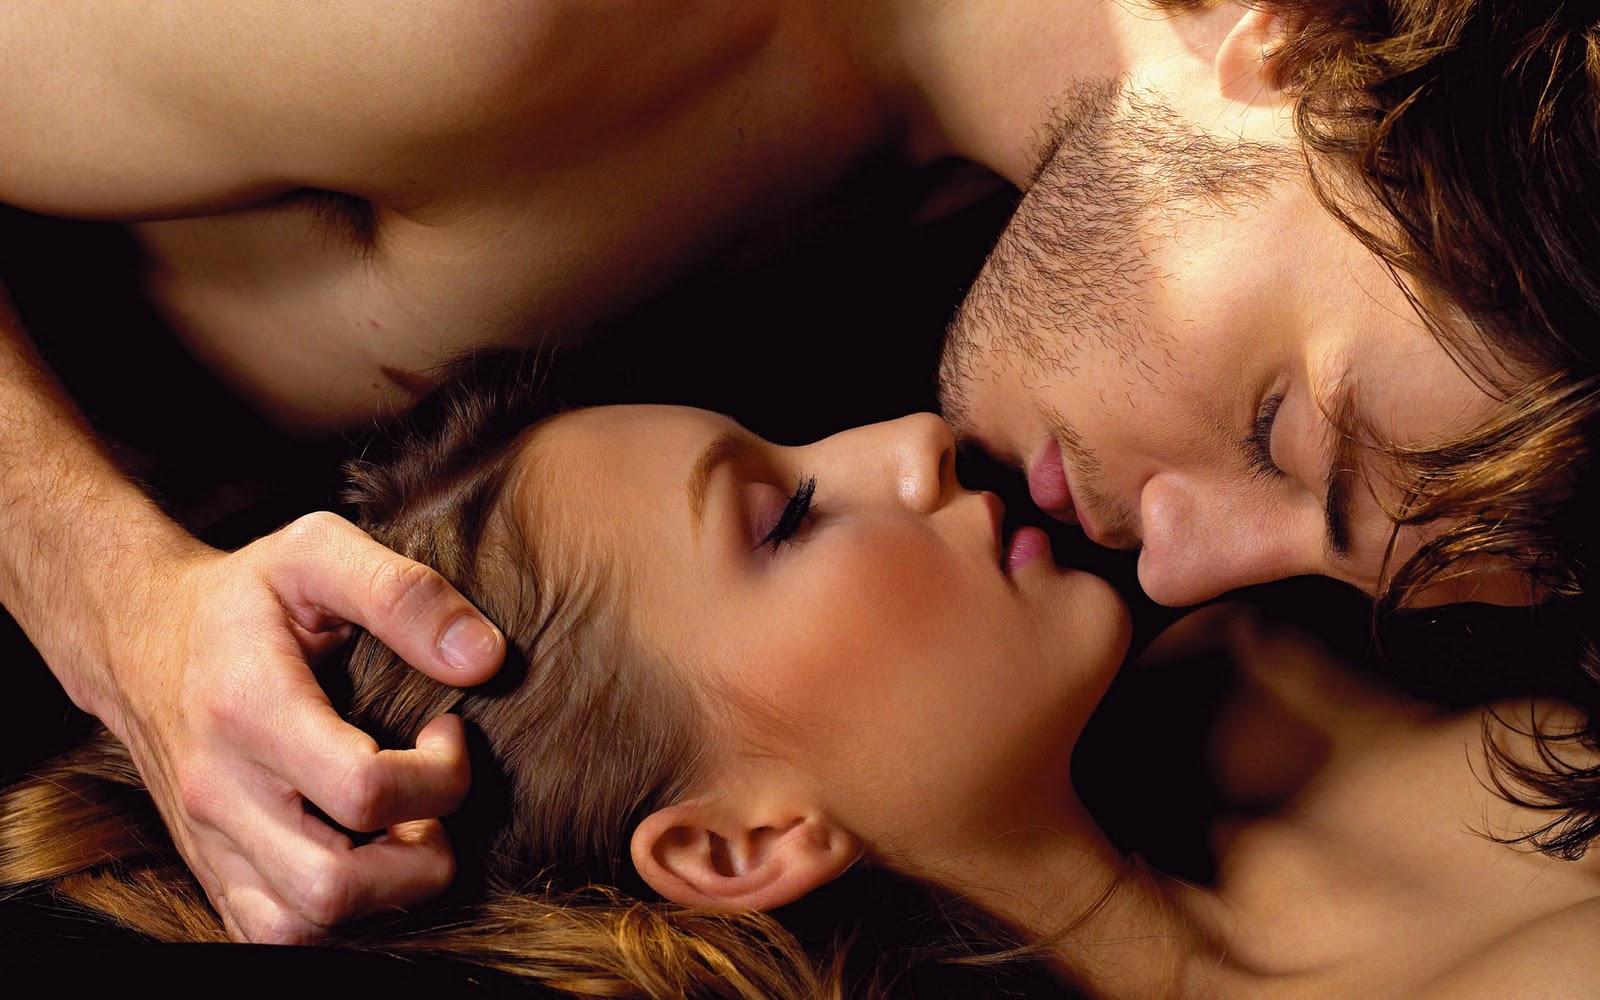 http://1.bp.blogspot.com/-DzC1VqItAg4/Twf6-mowbqI/AAAAAAAACuA/83oGlkp9OV8/s1600/Couples_36.jpg